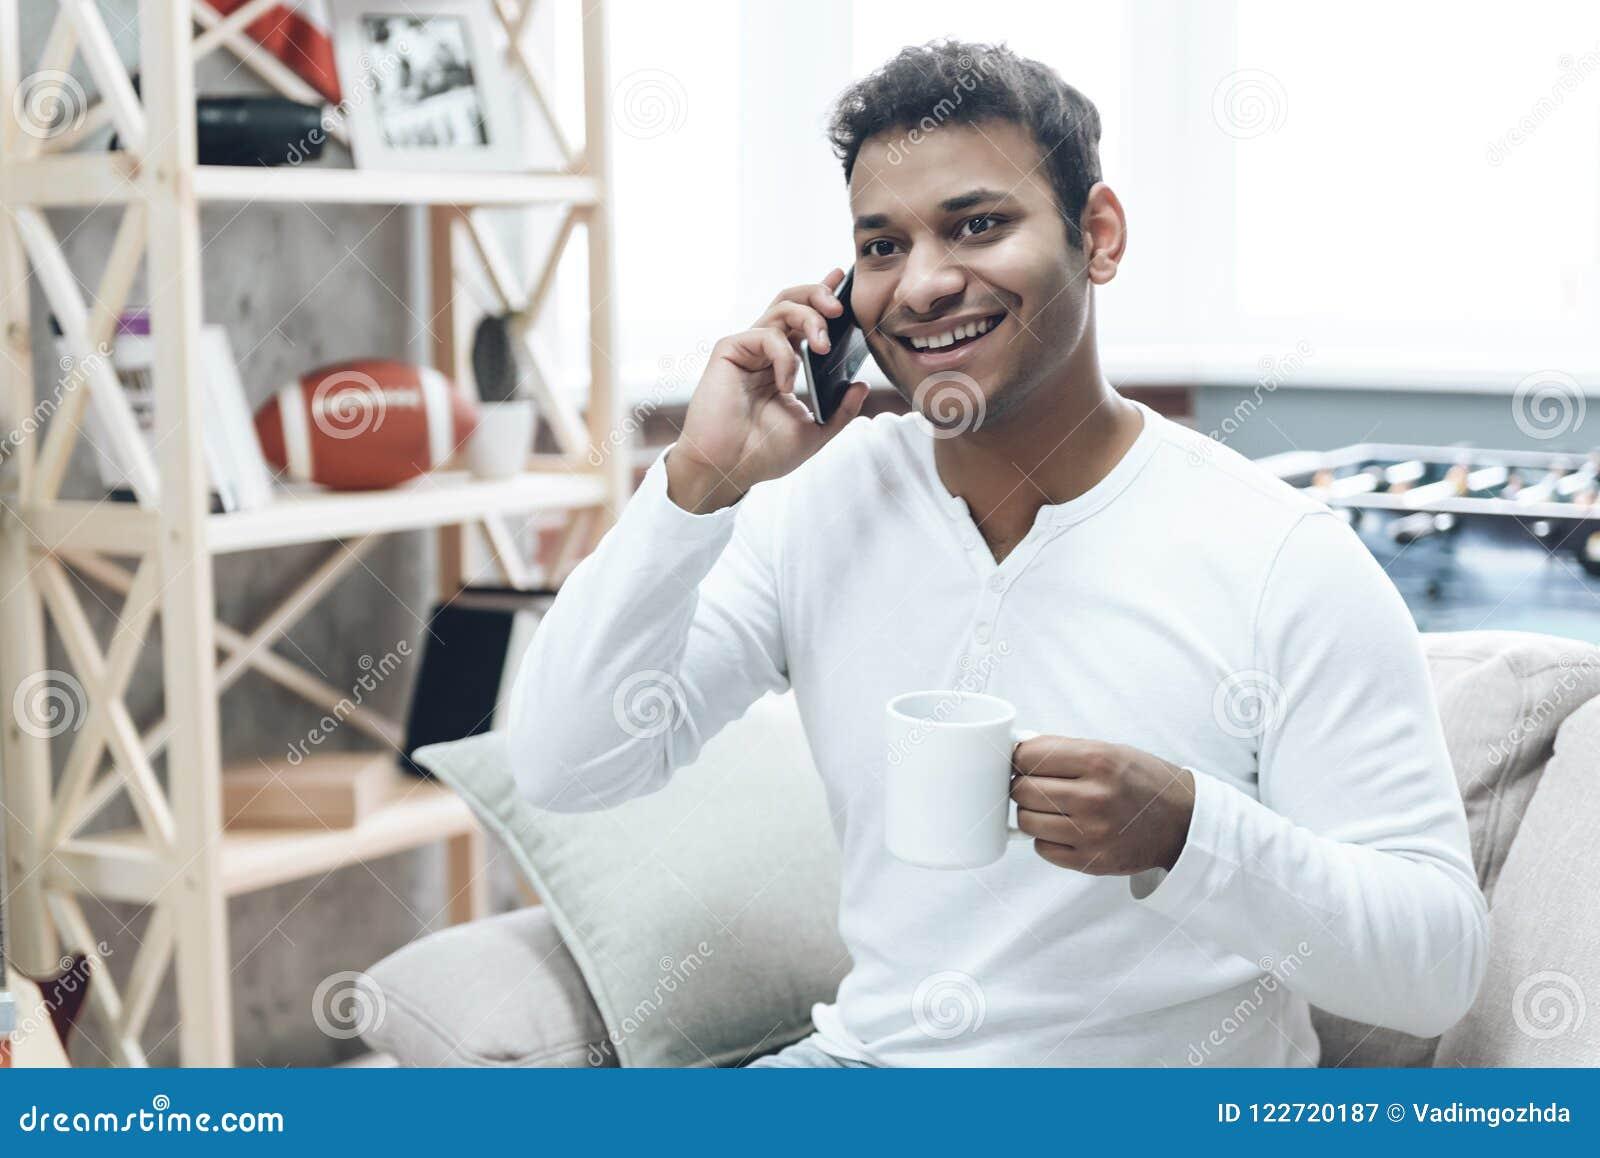 便衣的微笑的人使用手机